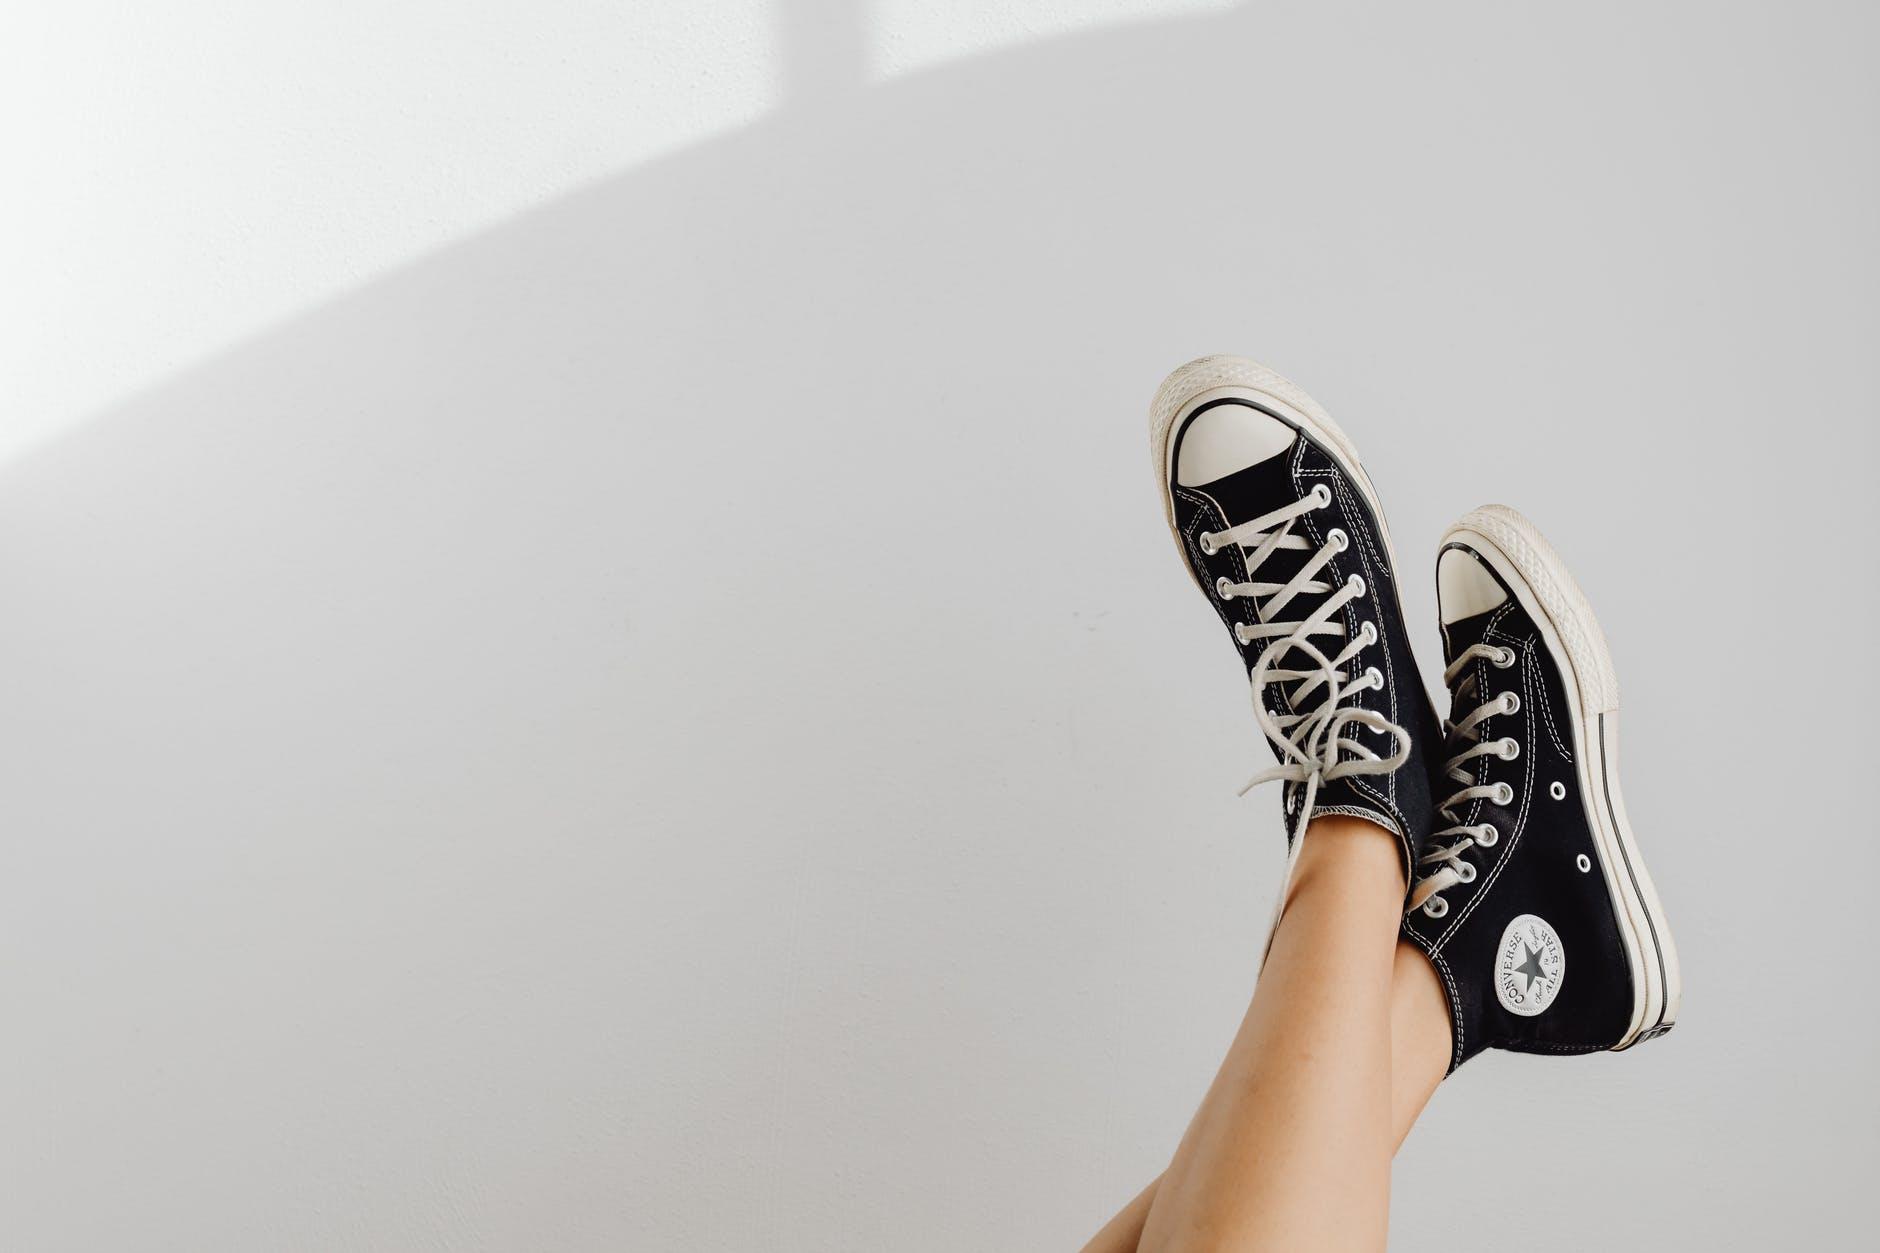 En Havalı Mugo Erkek ve Kadın Giyim Ürünleri, Ayakkabı Modelleri Trendyol'da!